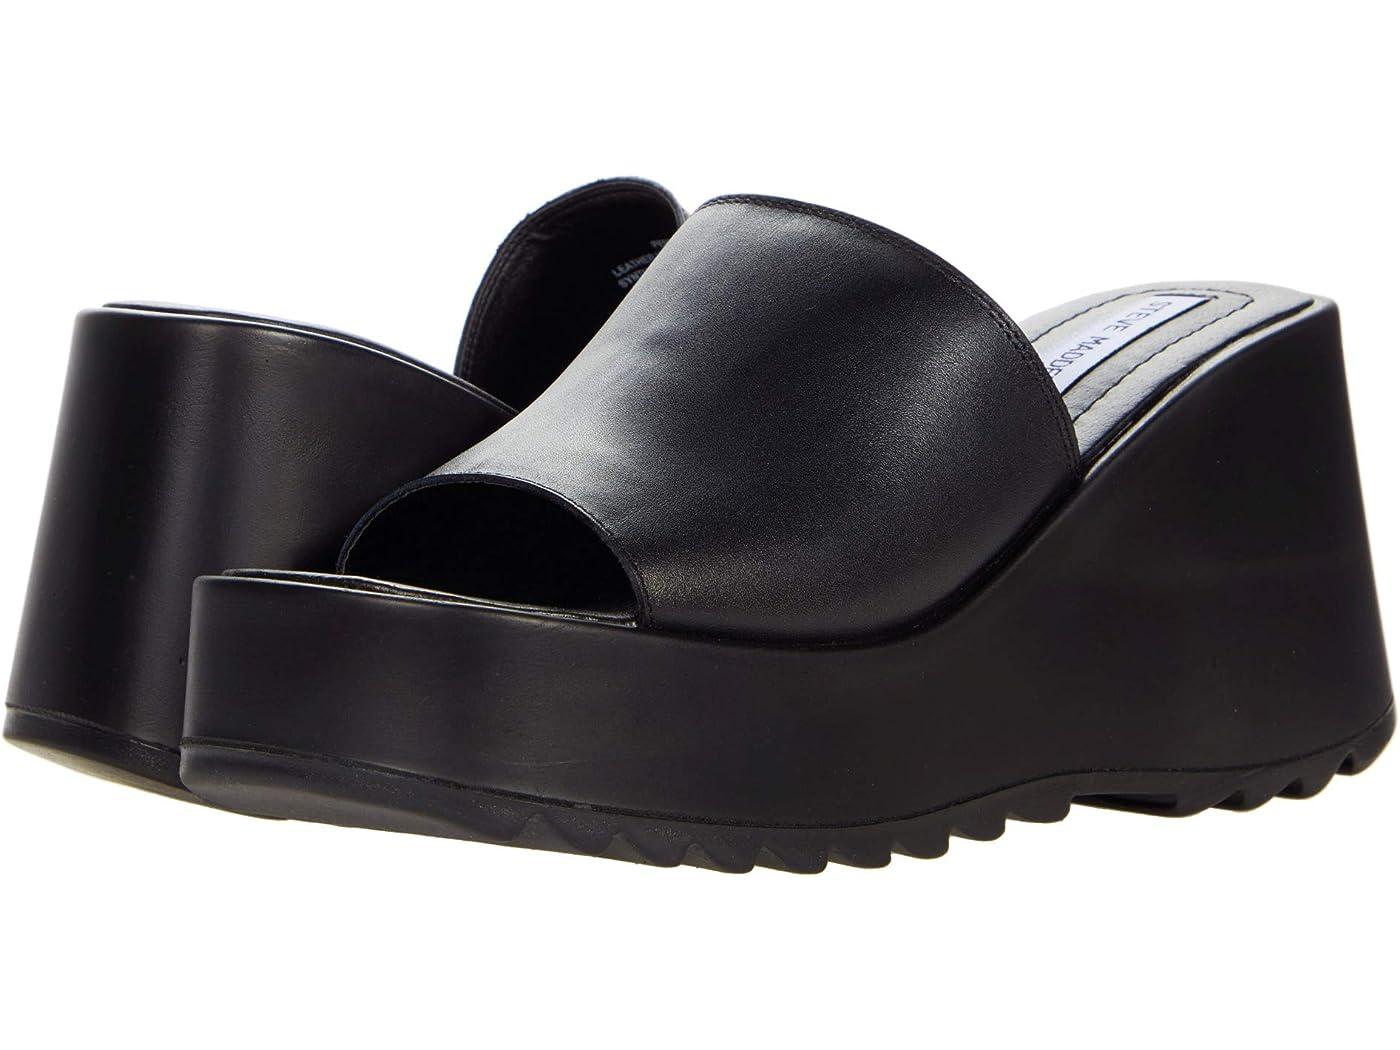 Steve Madden Pepe 30 Sandal